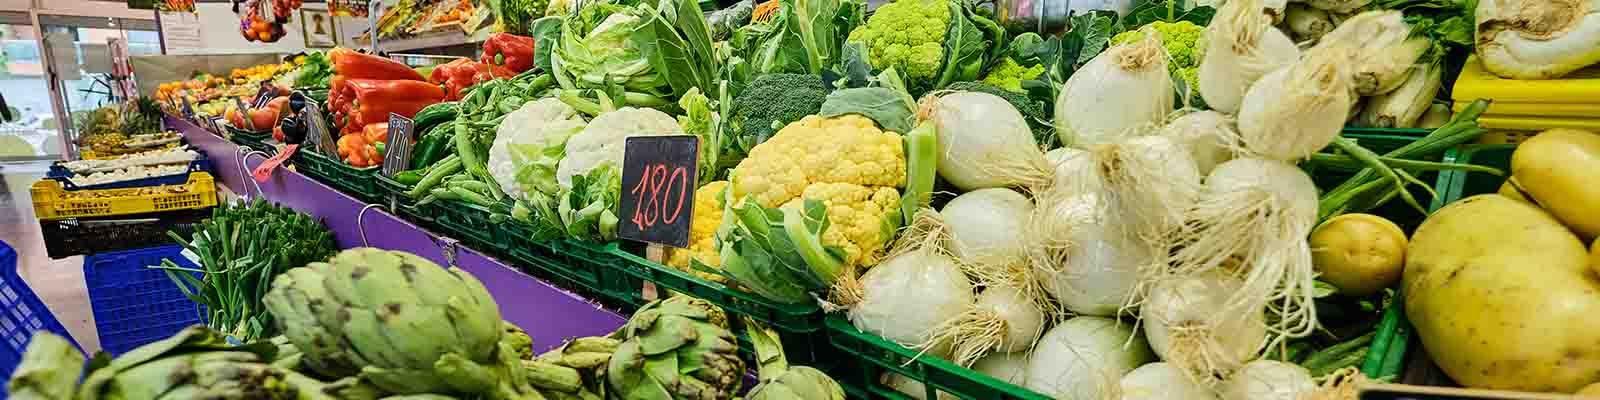 Fruites i verdures Solé